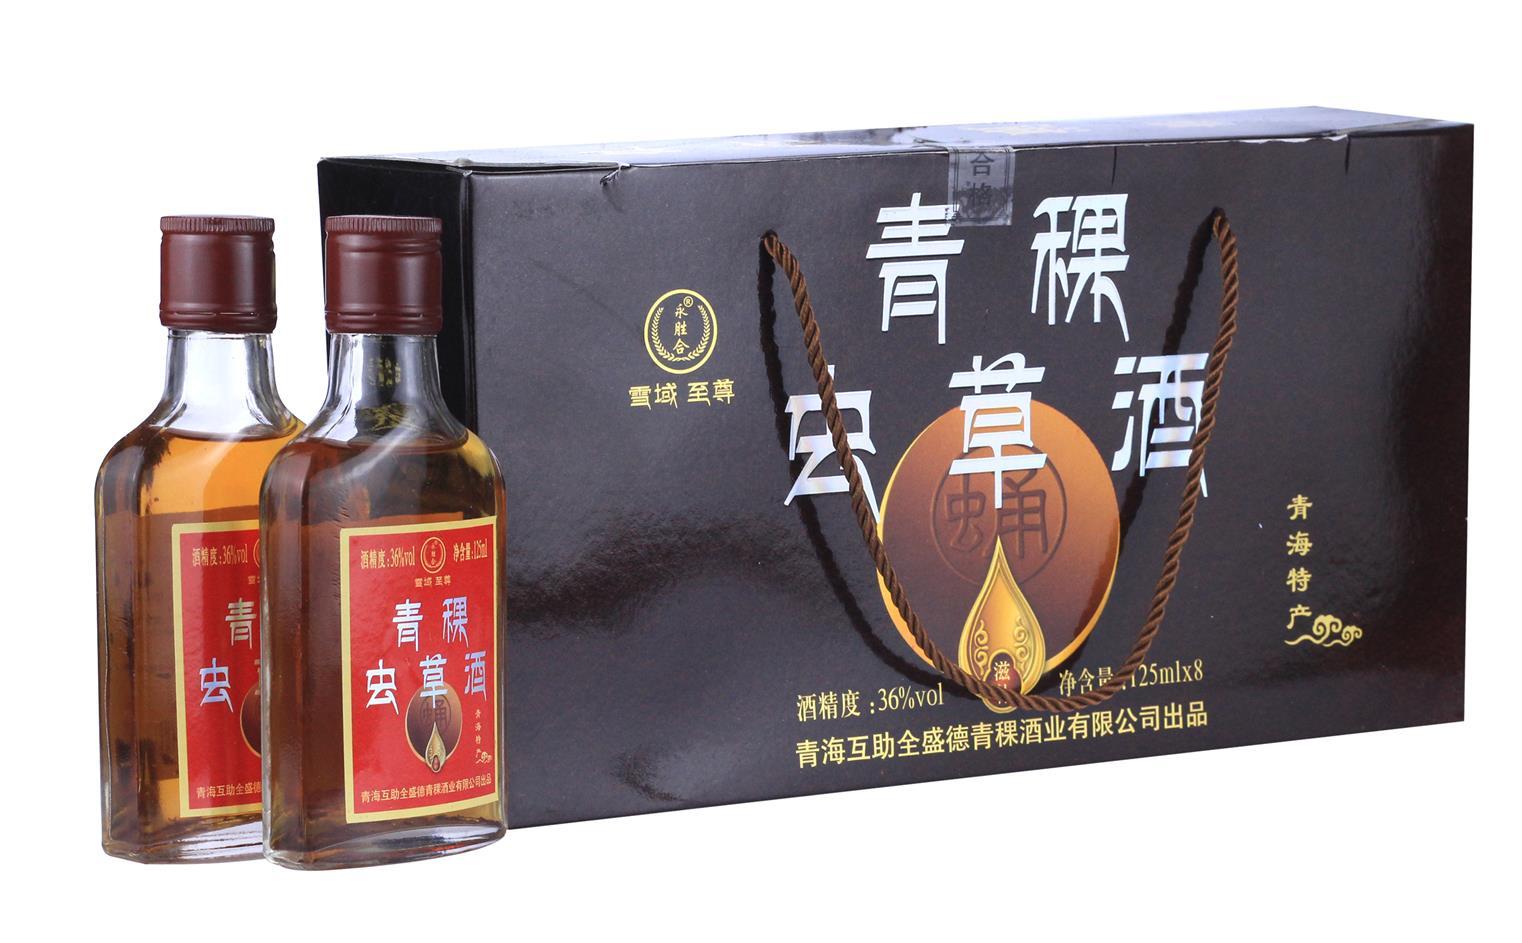 山东省野然居青稞酒要多少钱 欢迎咨询「青海互助全盛德青稞酒业供应」